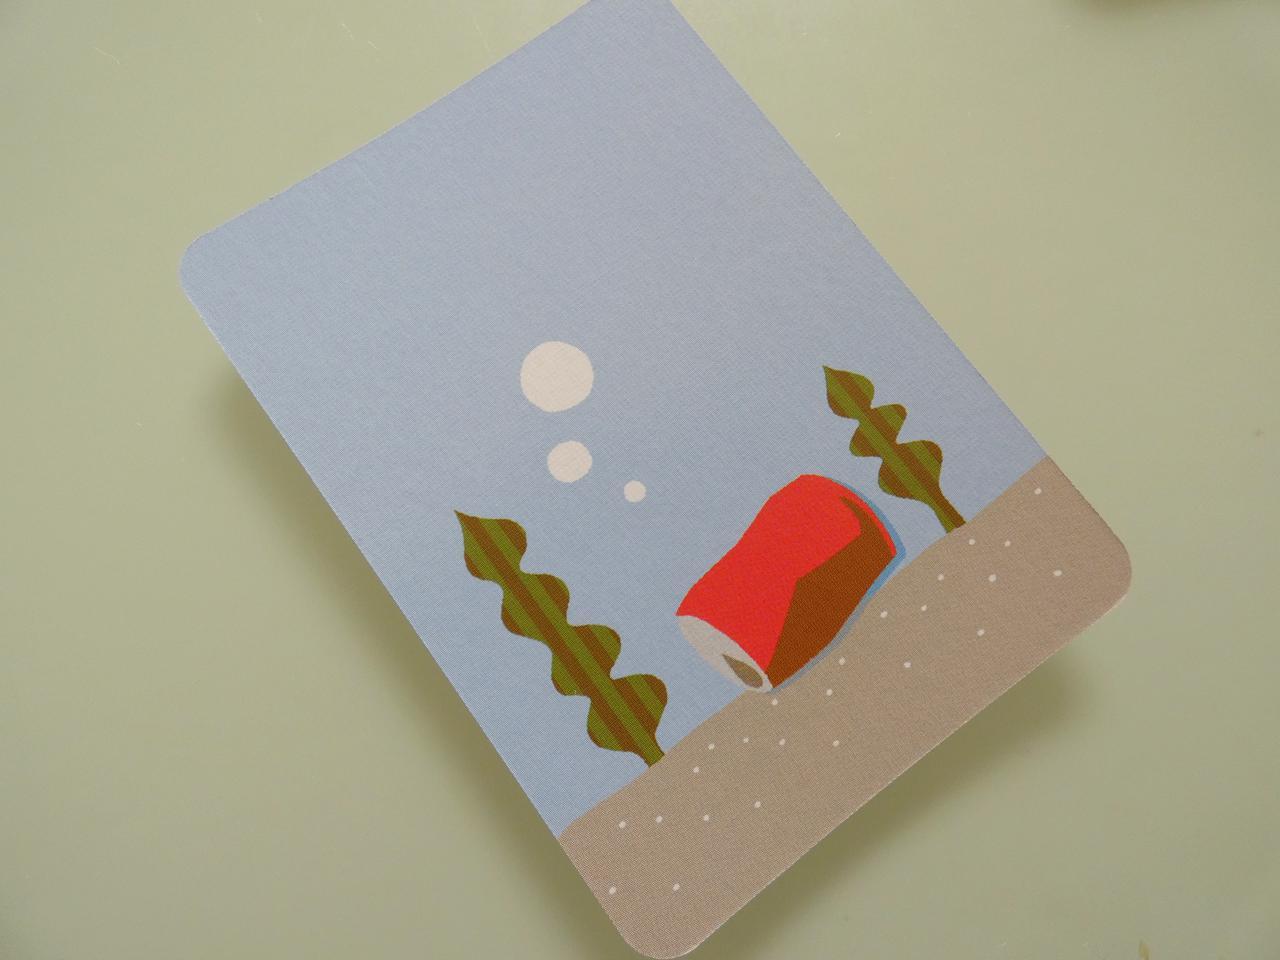 画像: 空き缶カード(筆者撮影)